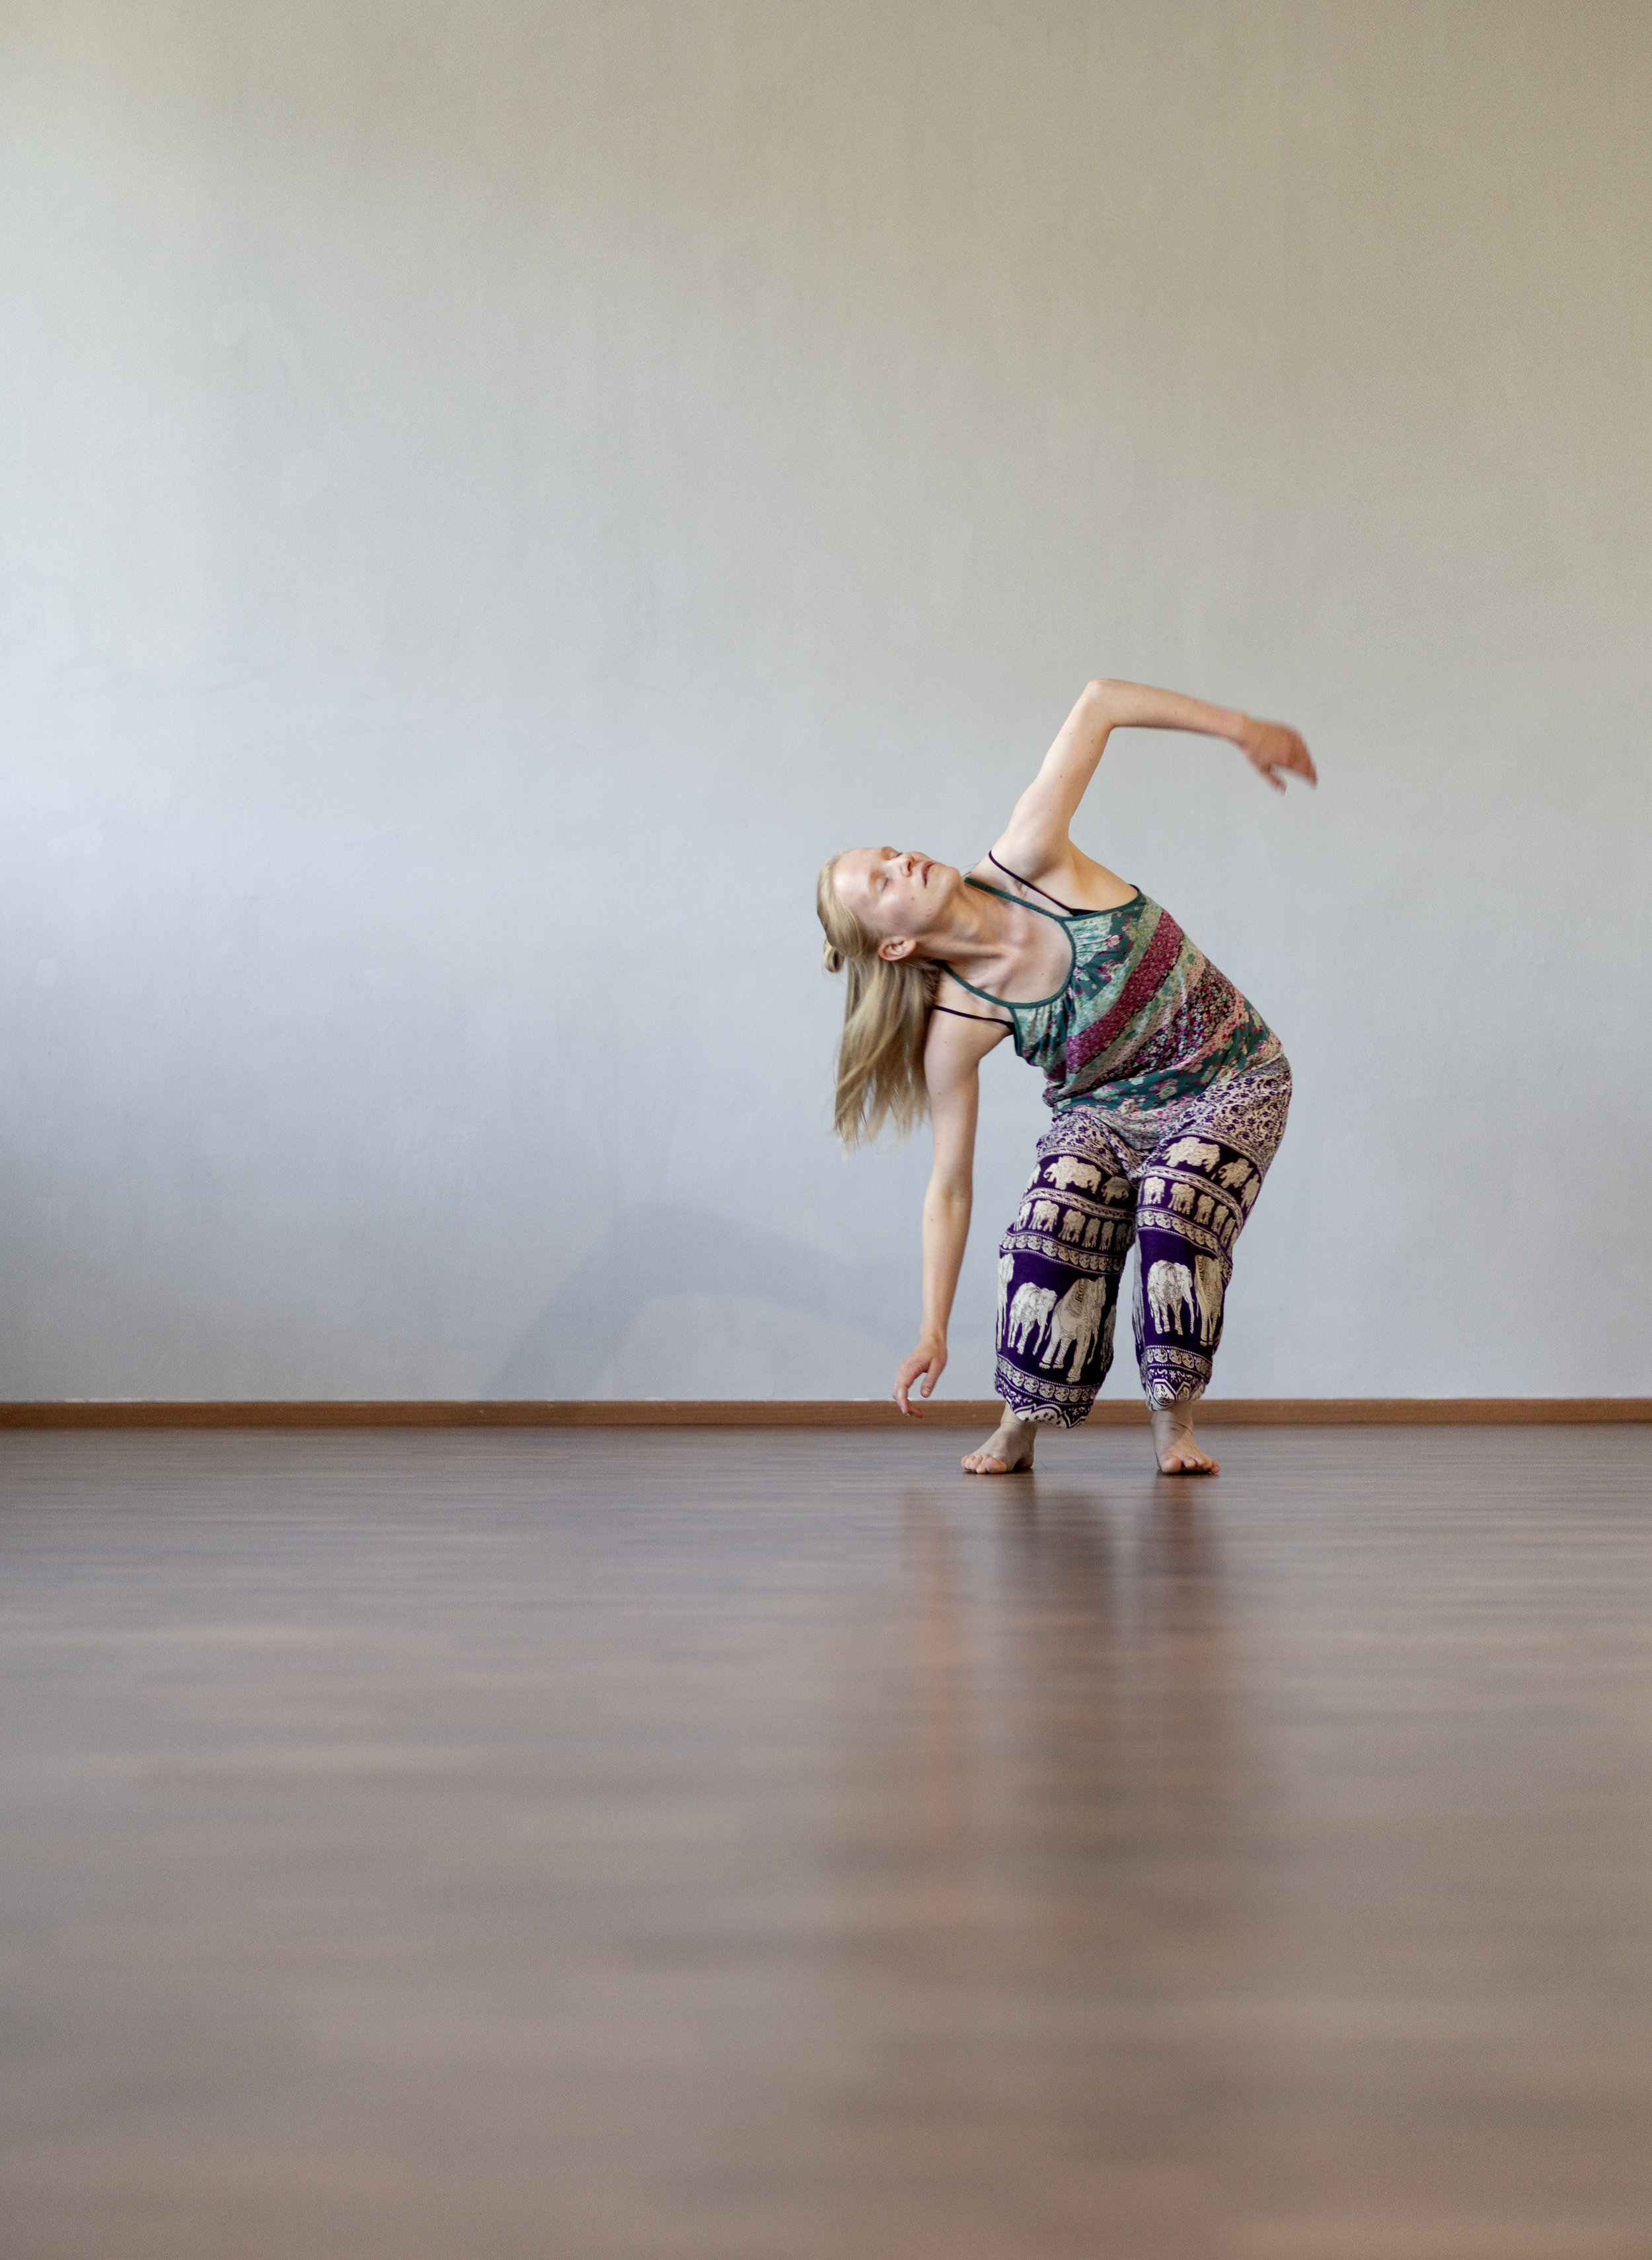 Ohjaaja: Annina Uimonen - Annina aloitti tanssin jo lapsuudessaan, ja siitä asti se on ollut suuri osa hänen elämäänsä. Vuosien aikana hän on perehtynyt eri tanssilajeihin sekä improvisaatioon laaja-alaisesti, ja ppetuskokemustakin hänellä on kertynyt jo yli 10 vuoden ajalta. Osaamistaan hän on täydentänyt mm. tanssipedagogiiikan opinnoilla, mutta erityisesti lasten kanssa kotona vietettynä aikana sekä vuonna 2016 käytyjen Intuitiivisen parantajan opintojen aikana hänen suhteensa tanssiin alkoi löytää uutta syvyyttä, ja aiempina vuosina saadut kokemukset läsnäolosta sekä tanssista kokonaisvaltaisen hyvinvoinnin edistäjänä saivat vahvistusta. Sen pohjalta Annina on kehittänyt tanssituntinsa, mm. Tanssimeditaation, jossa liike ja läsnäolo yhdistyvät luovalla tavalla.Kehon ja mielen huoltamista Annina on harjoittanut vuosien ajan mm. meditaation sekä joogan avulla, ja myös näitä kokemuksia hän yhdistää opetustyöhönsä tanssijana.